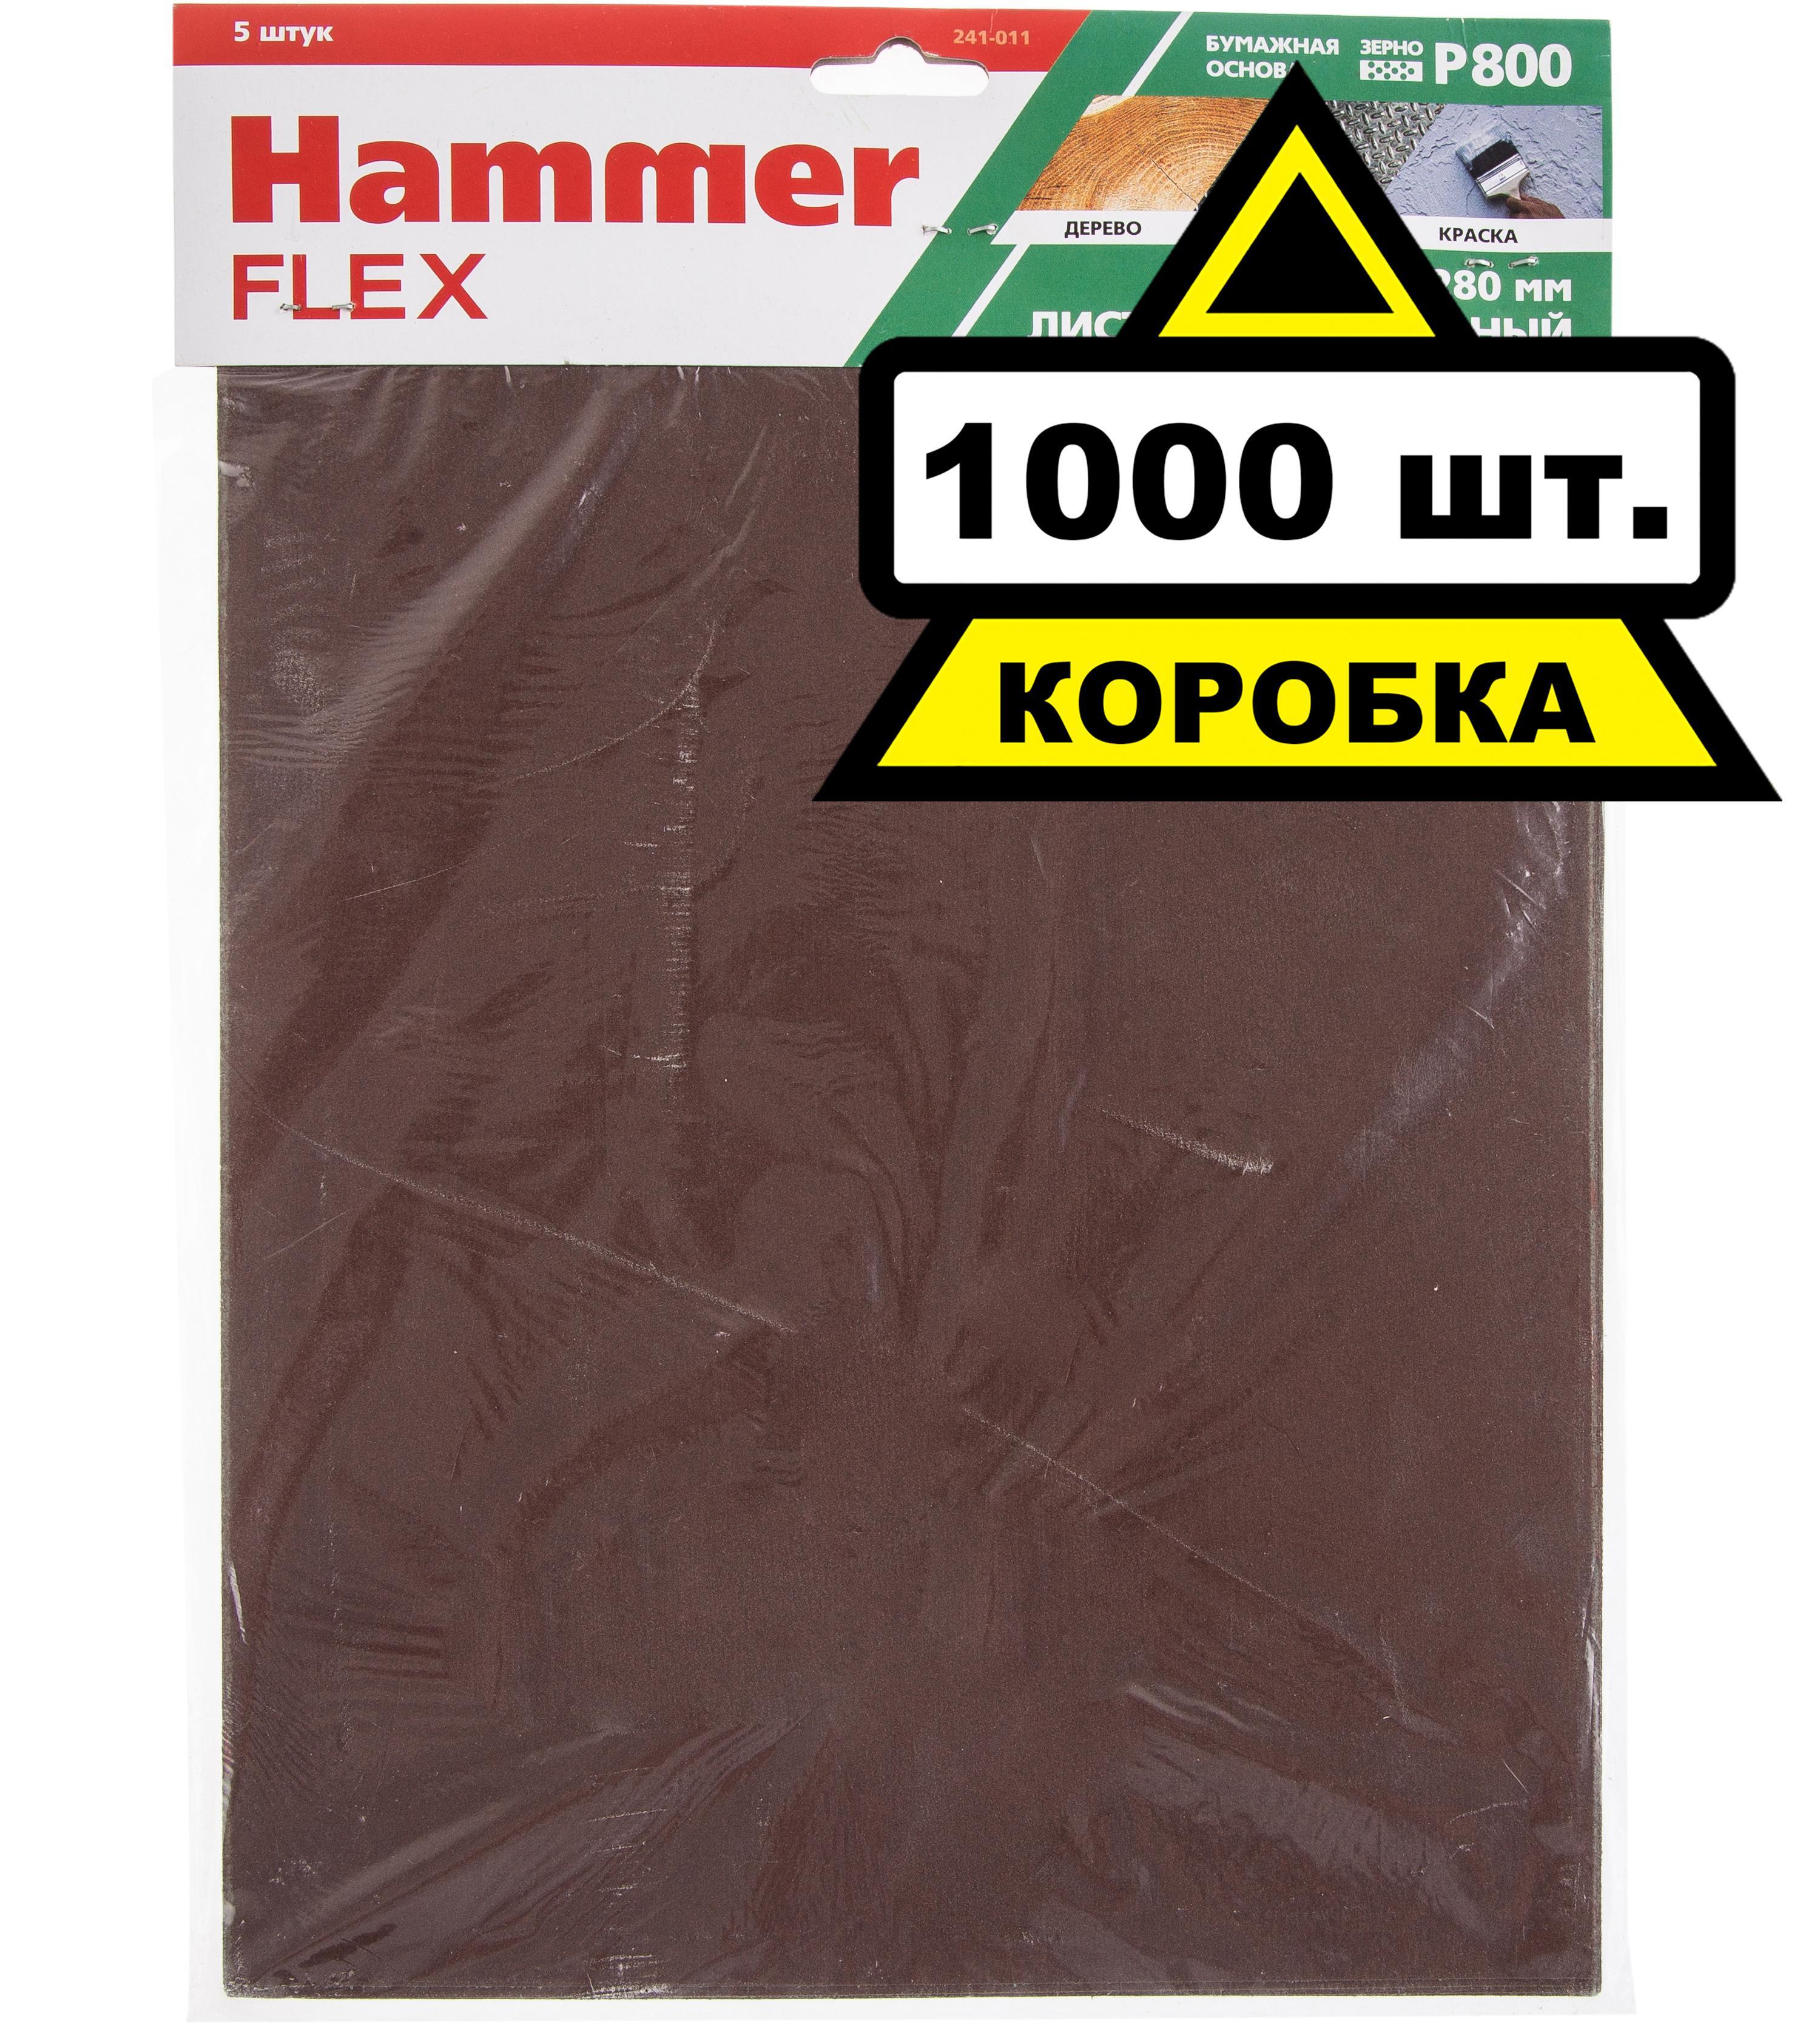 Купить Лист шлифовальный Hammer 230x280мм p800 бумажная основа